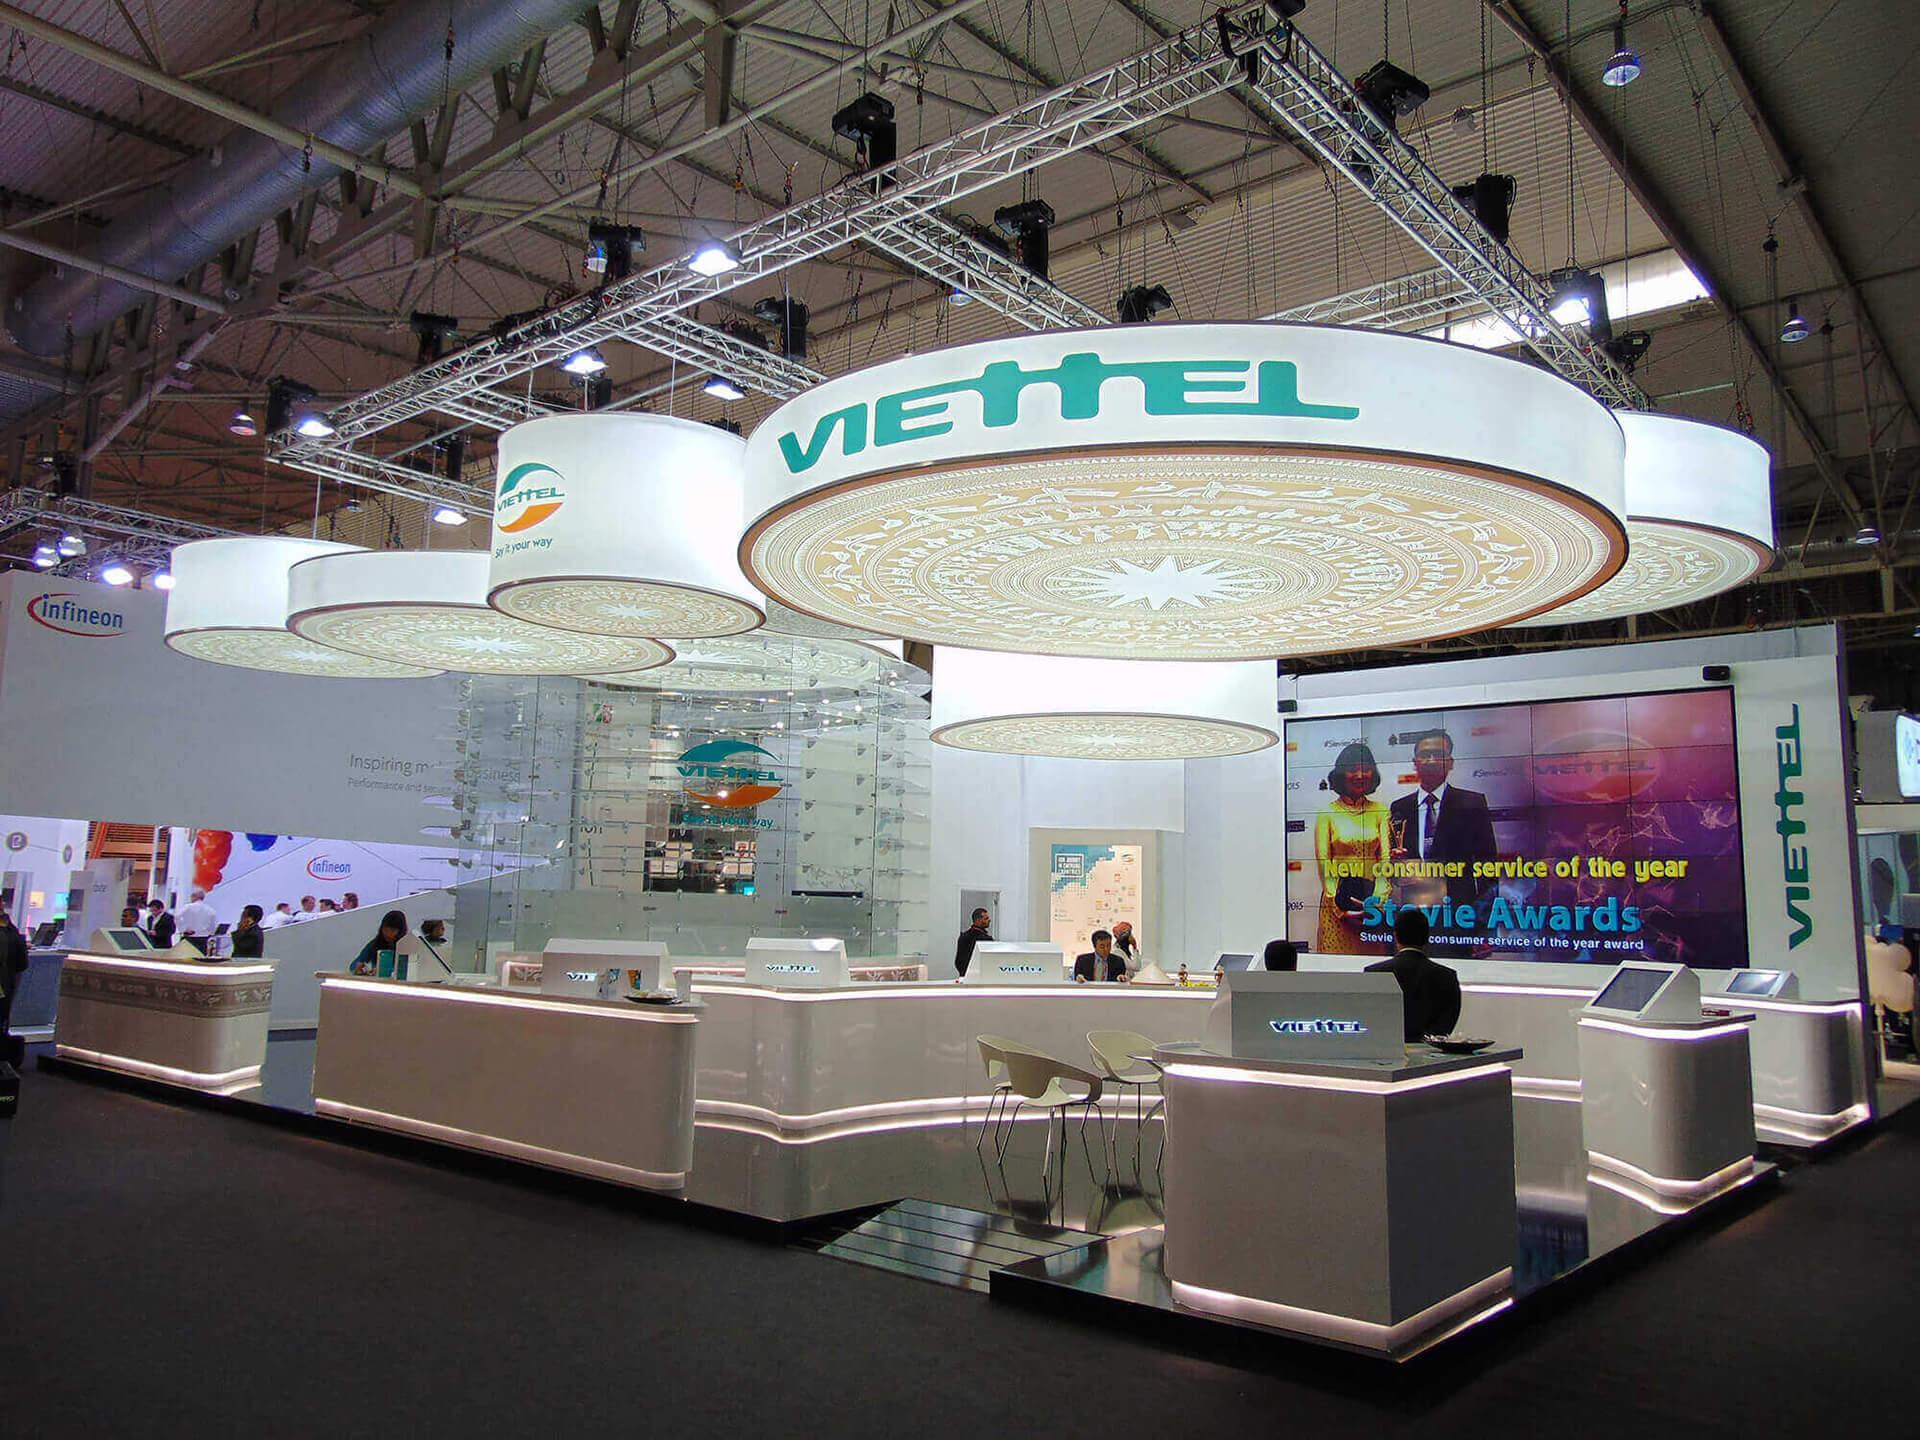 diseño stand MWC angle exhibits empresa construccion stand